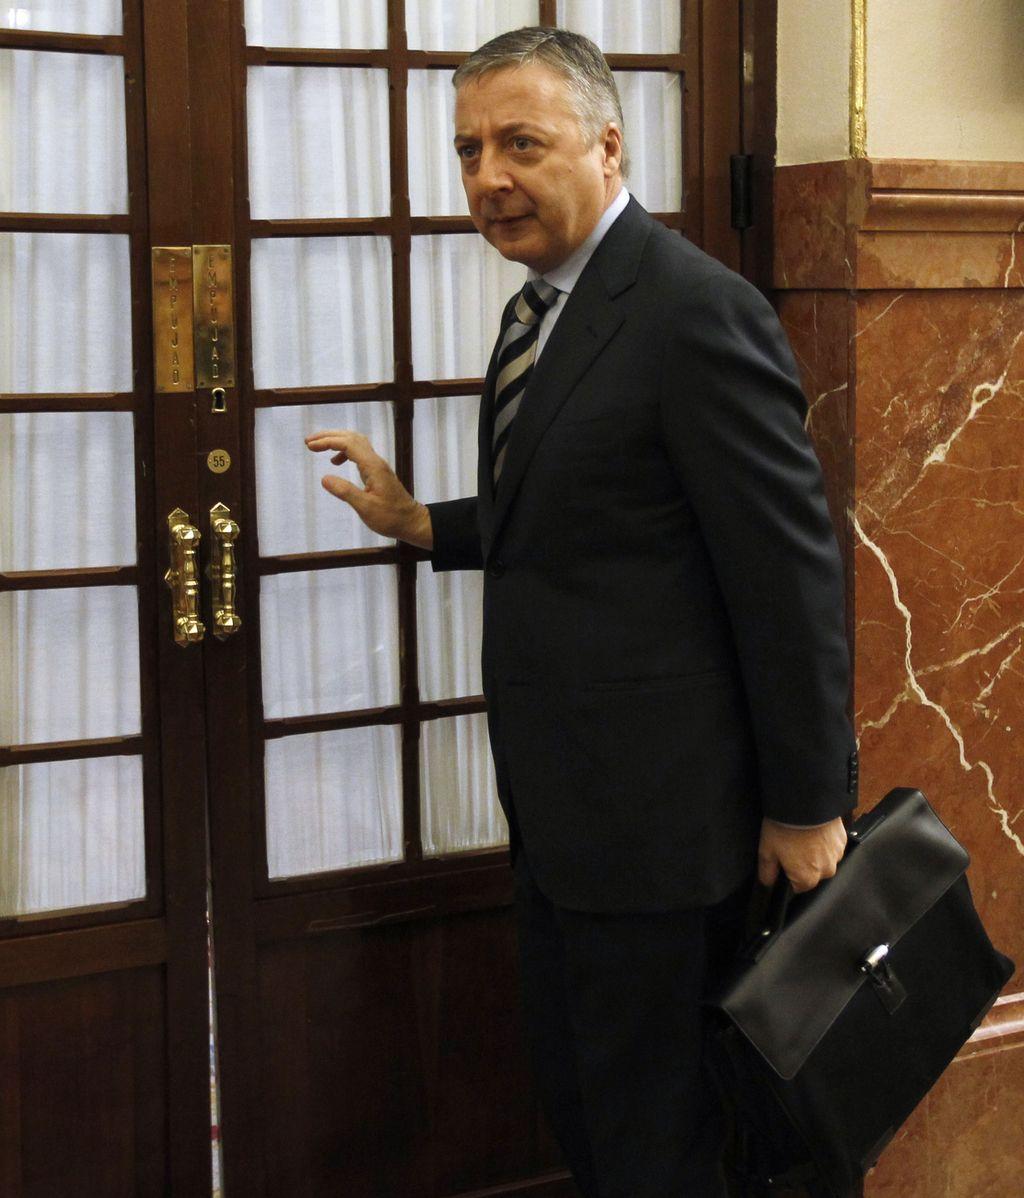 Blanco desea que no se discuta sobre los motivos del adelanto electoral FOTO: REUTERS